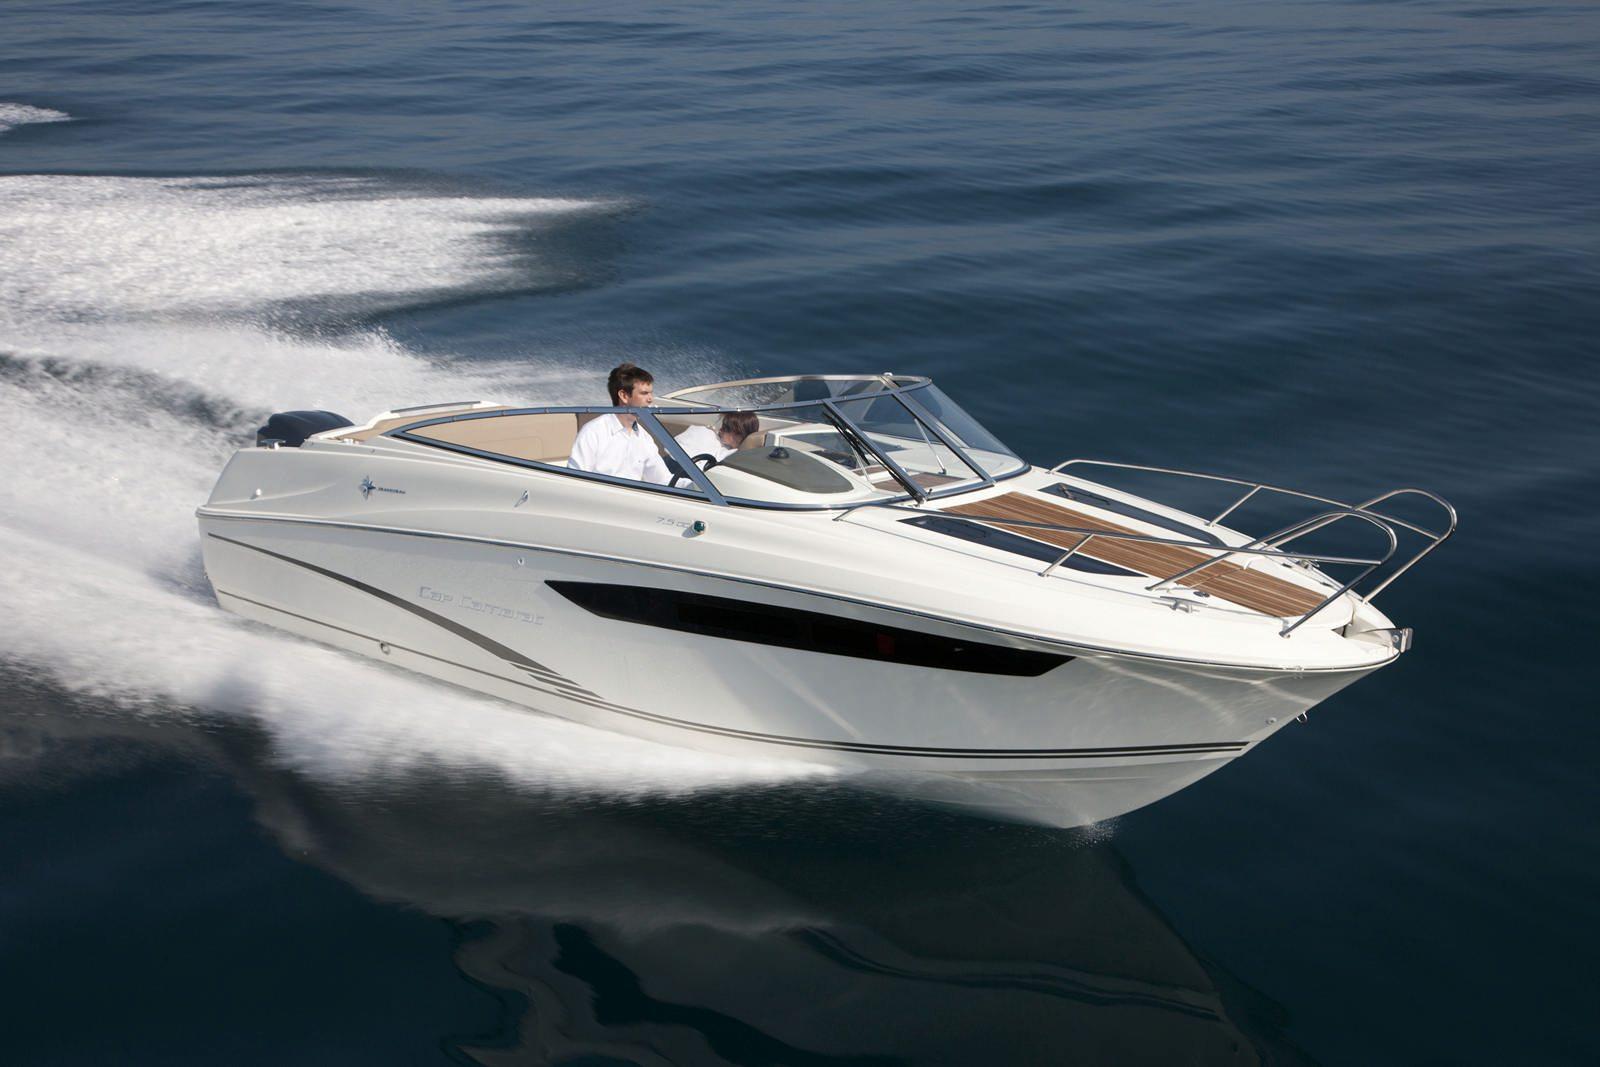 סירת מנוע JEANNEAU CAP CAMARAT 7.5DC - סירת מנוע JEANNEAU CAP CAMARAT 7.5DC - סטרים יאכטות